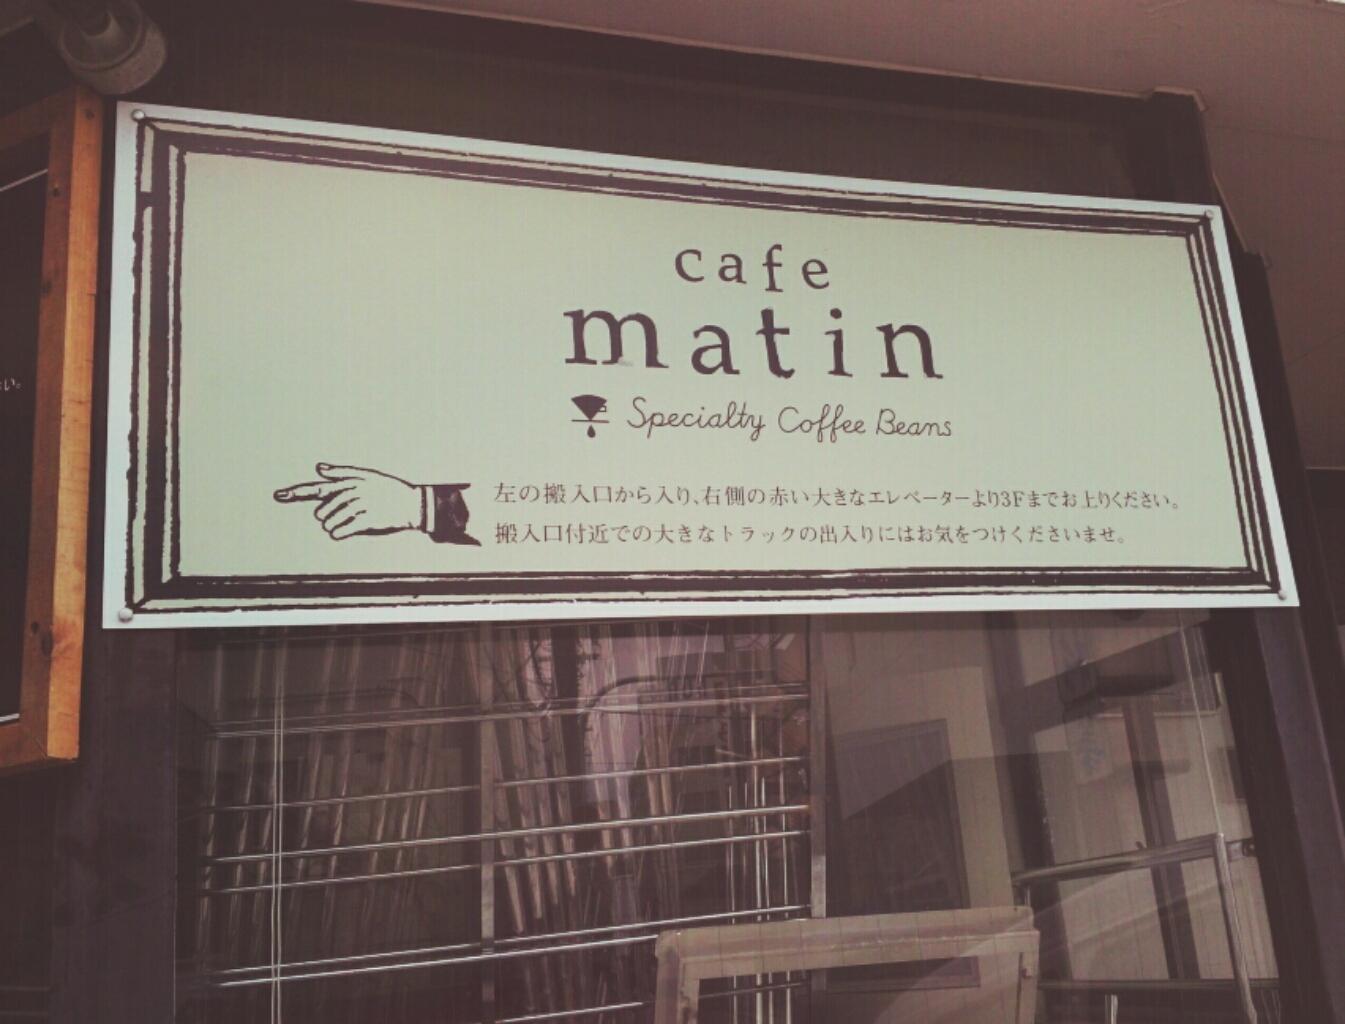 カフェ マタン